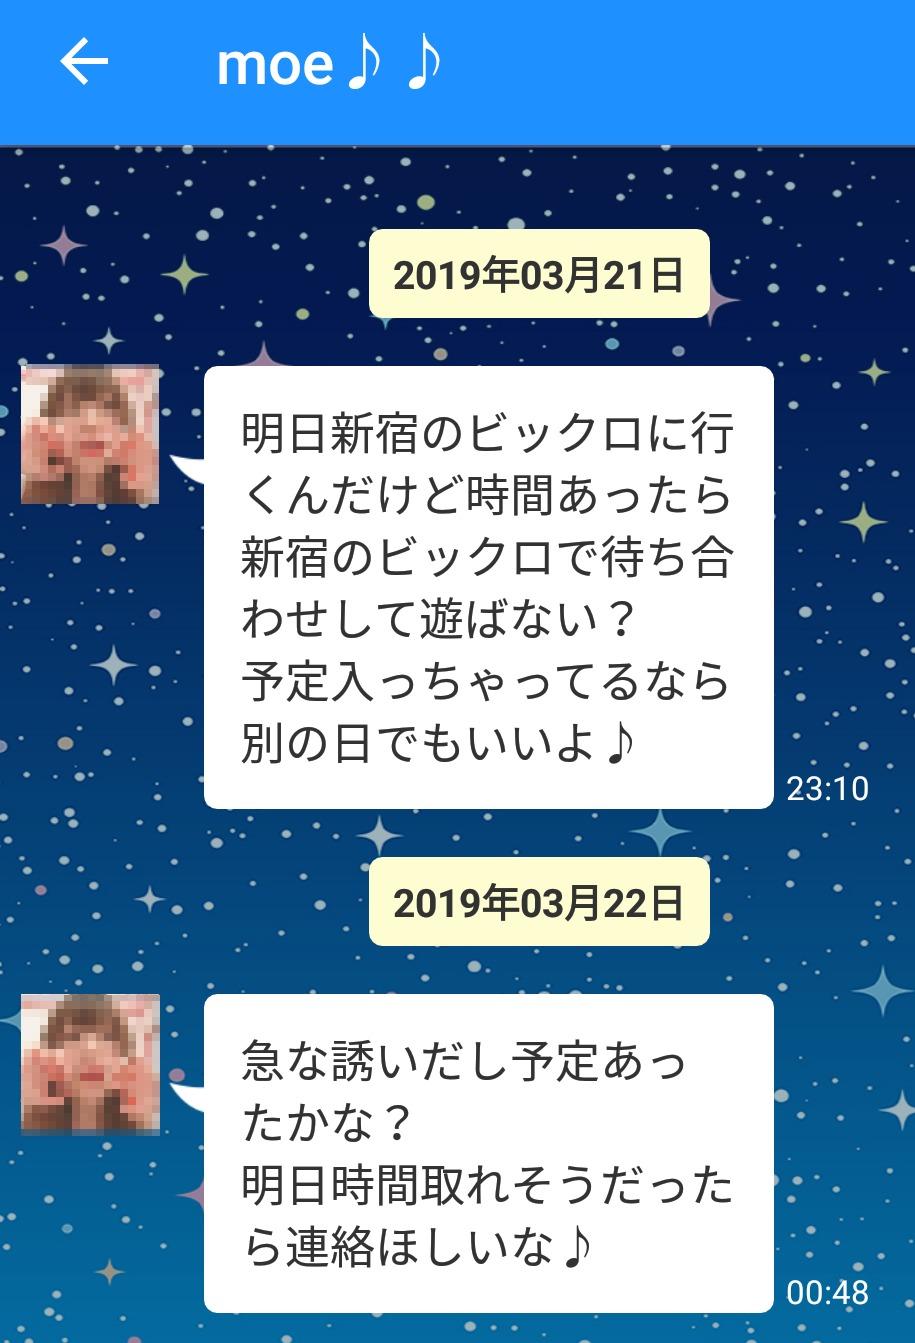 yaritori4 7 - 「Joypri」はサクラ詐欺アプリ